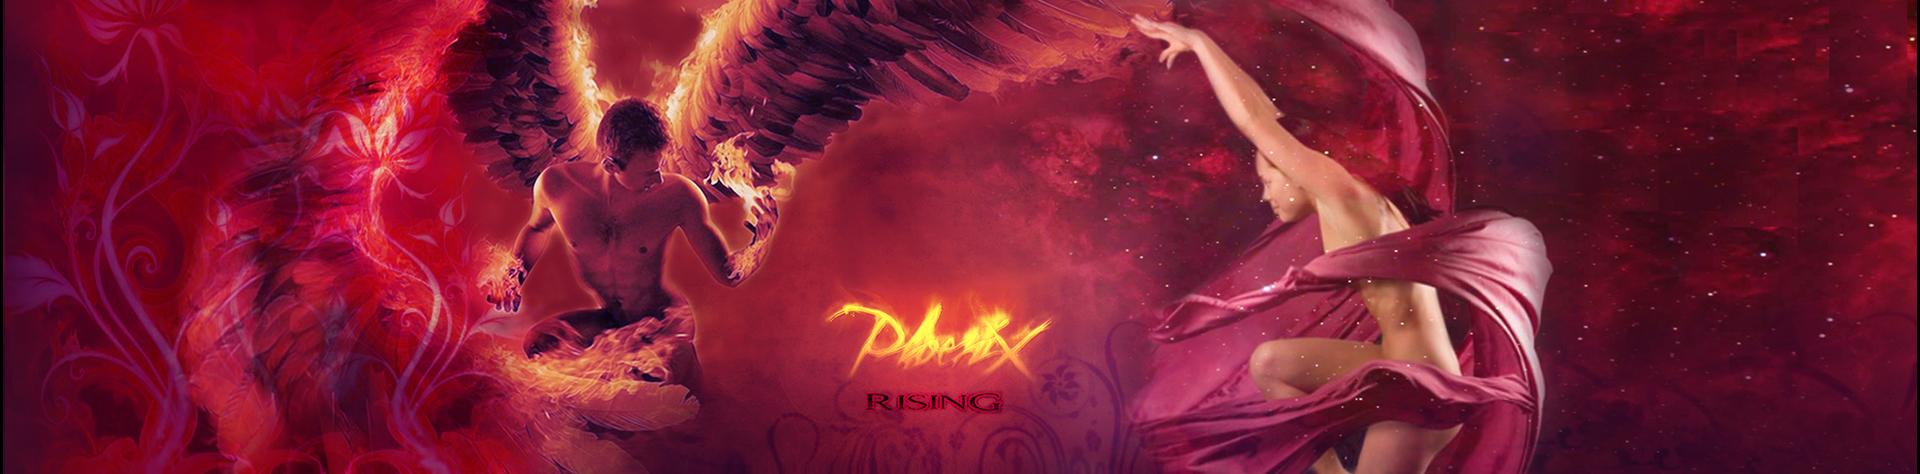 Phoenix az tantra Contact Shastra